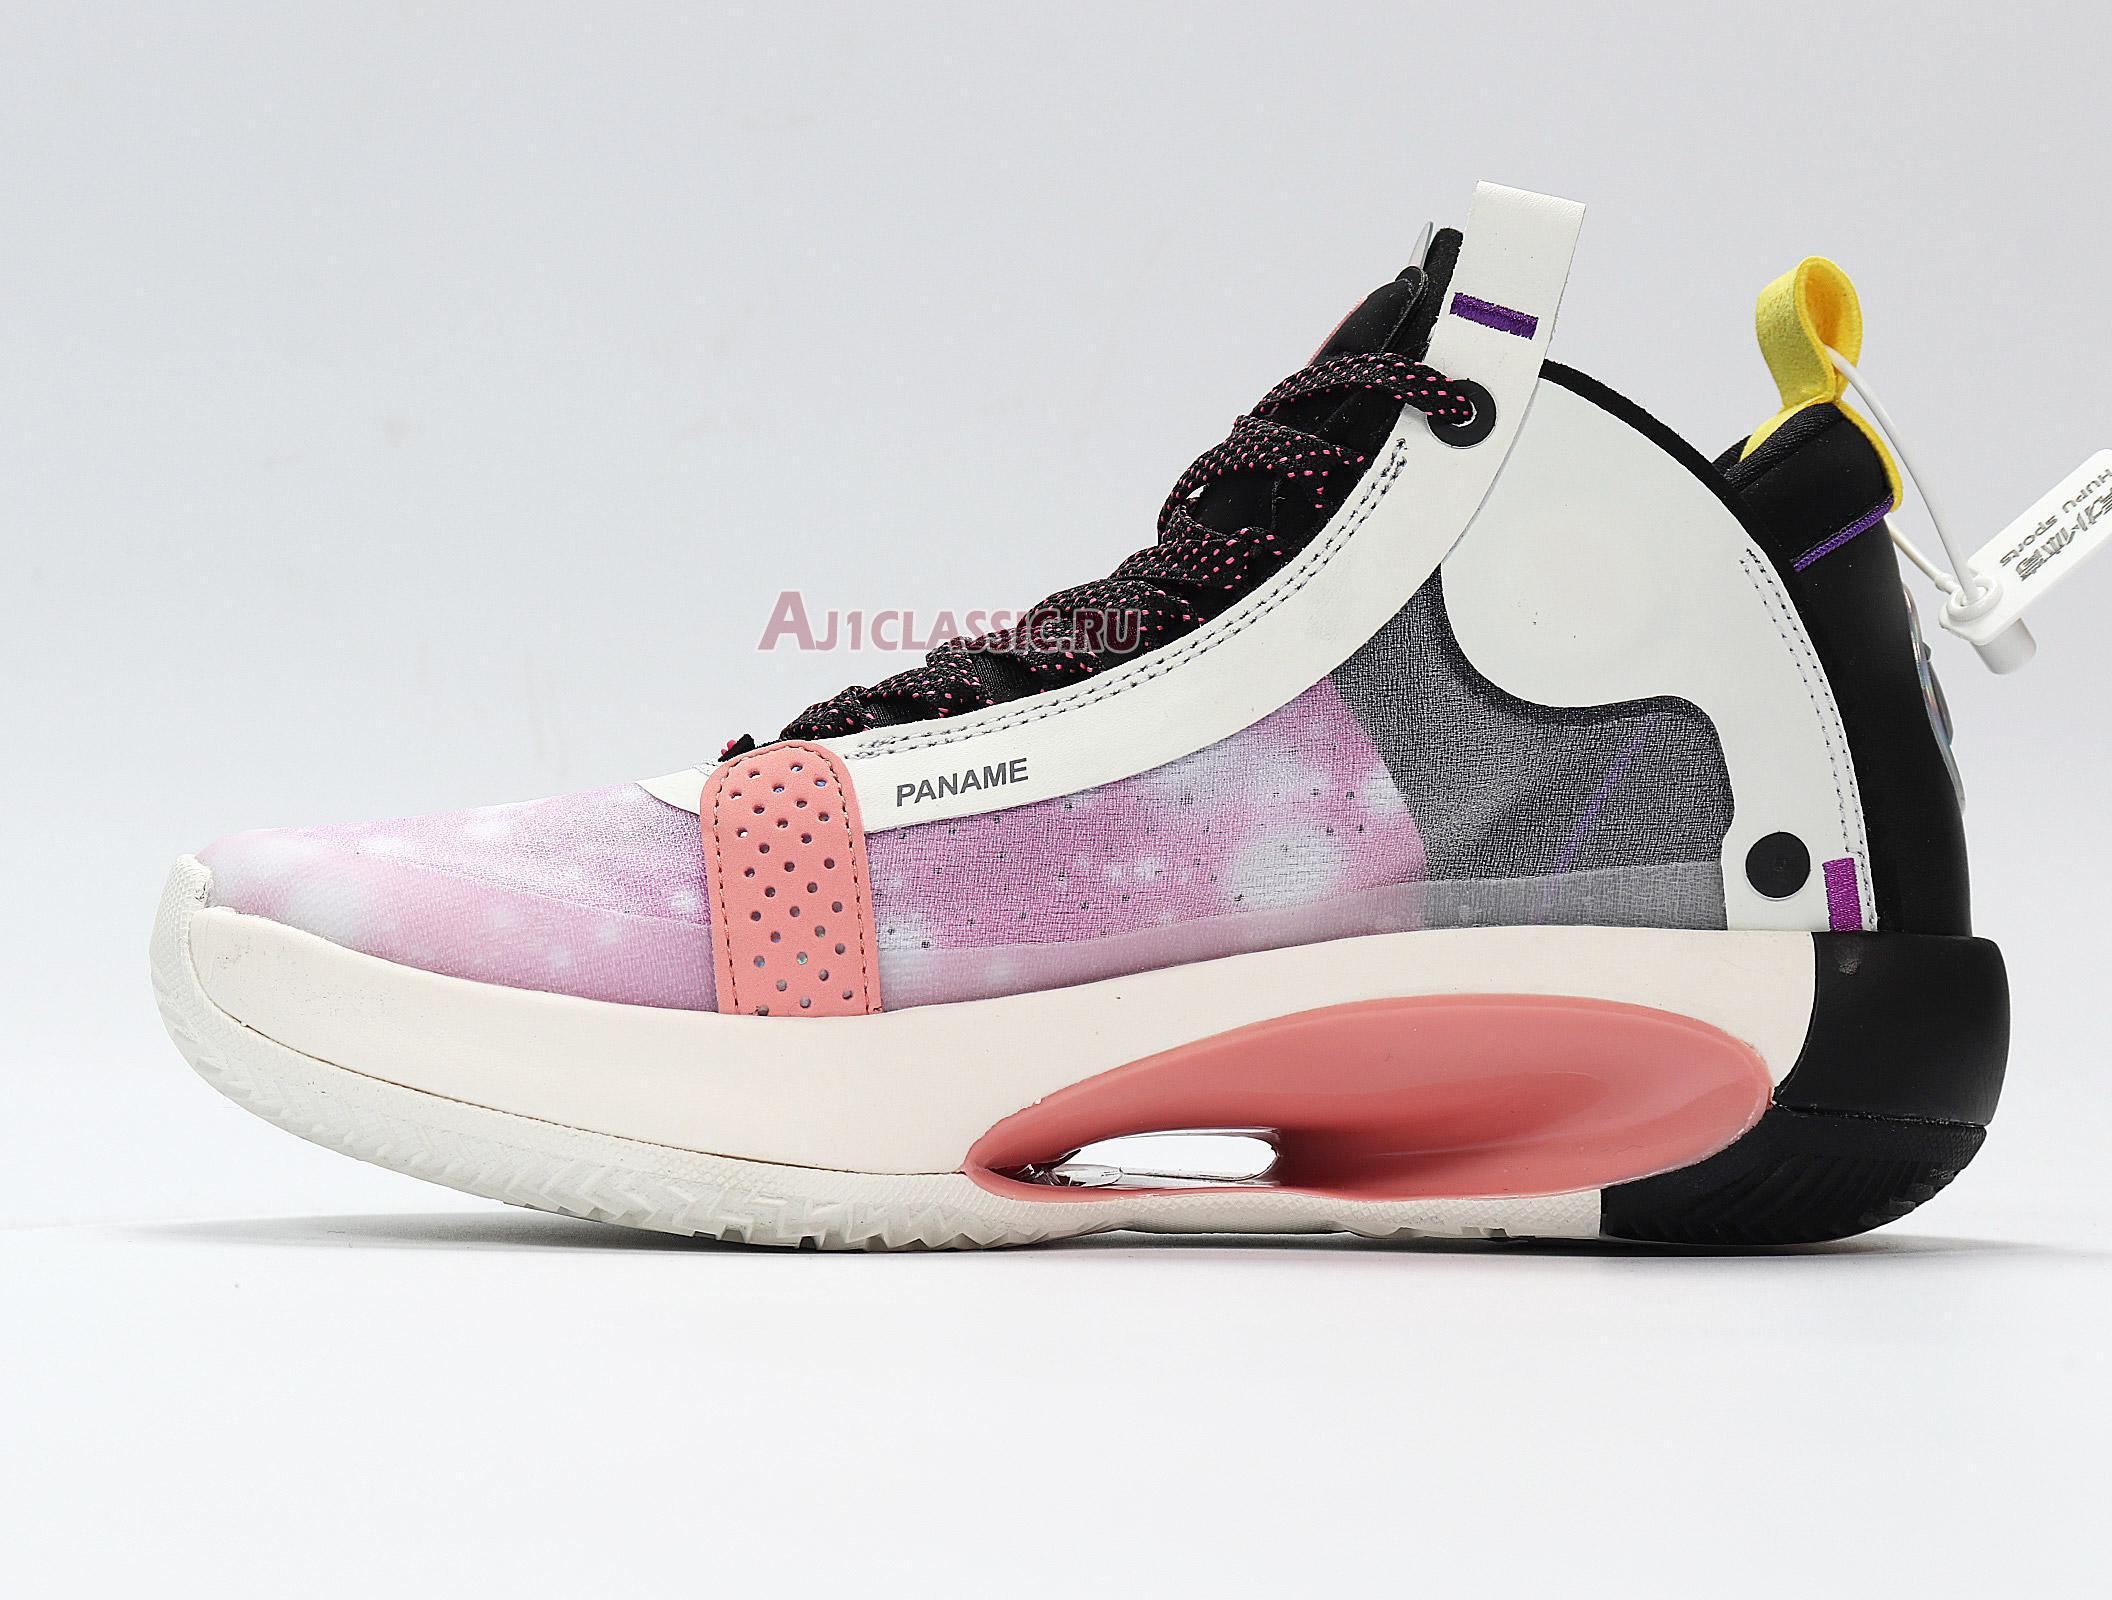 """NBA x Air Jordan 34 """"Paris Game 2020"""" CZ7752-601"""